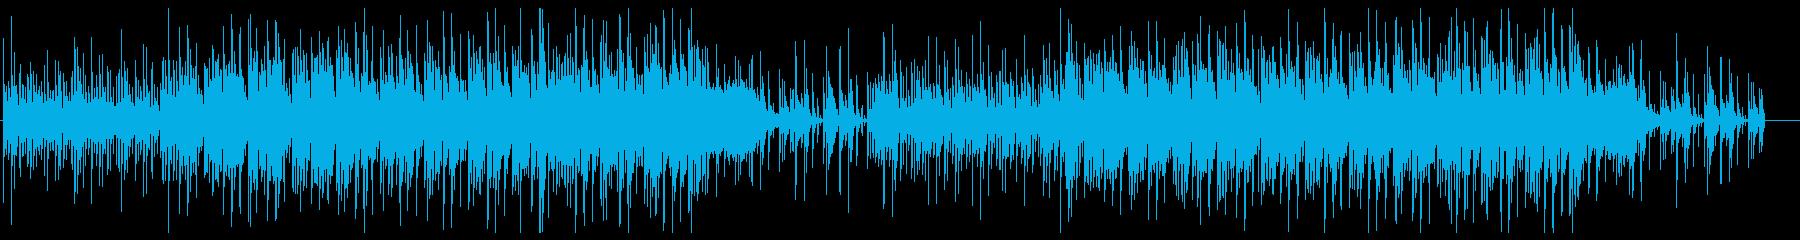 宇宙的なエレクトロ 緊迫感 サウンドロゴの再生済みの波形